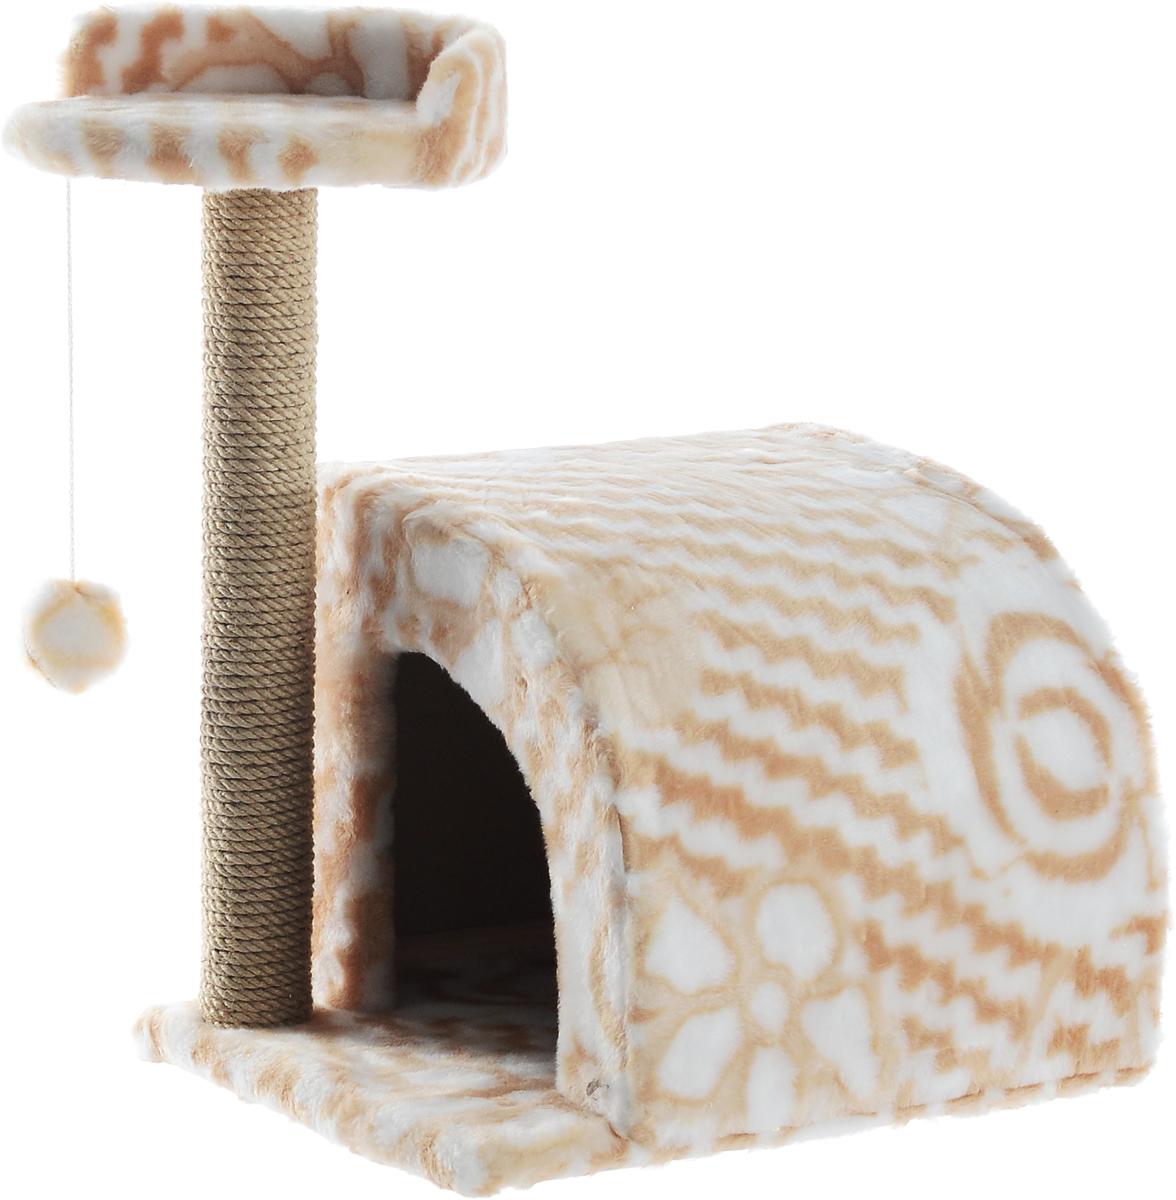 Домик-когтеточка Меридиан, полукруглый, цвет: белый, бежевый, 54 х 40 х 59 смД518ЦвДомик-когтеточка Меридиан выполнен из высококачественного ДВП и ДСП и обтянут искусственным мехом. Изделие предназначено для кошек. Ваш домашний питомец будет с удовольствием точить когти о специальный столбик, изготовленный из джута. А отдохнуть он сможет либо на полке, либо в домике. Изделие снабжено подвесной игрушкой. Домик-когтеточка Меридиан принесет пользу не только вашему питомцу, но и вам, так как он сохранит мебель от когтей и шерсти. Общий размер: 54 х 40 х 59 см. Размер домика: 36 х 36 х 32 см. Размер полки: 27 х 26 см.